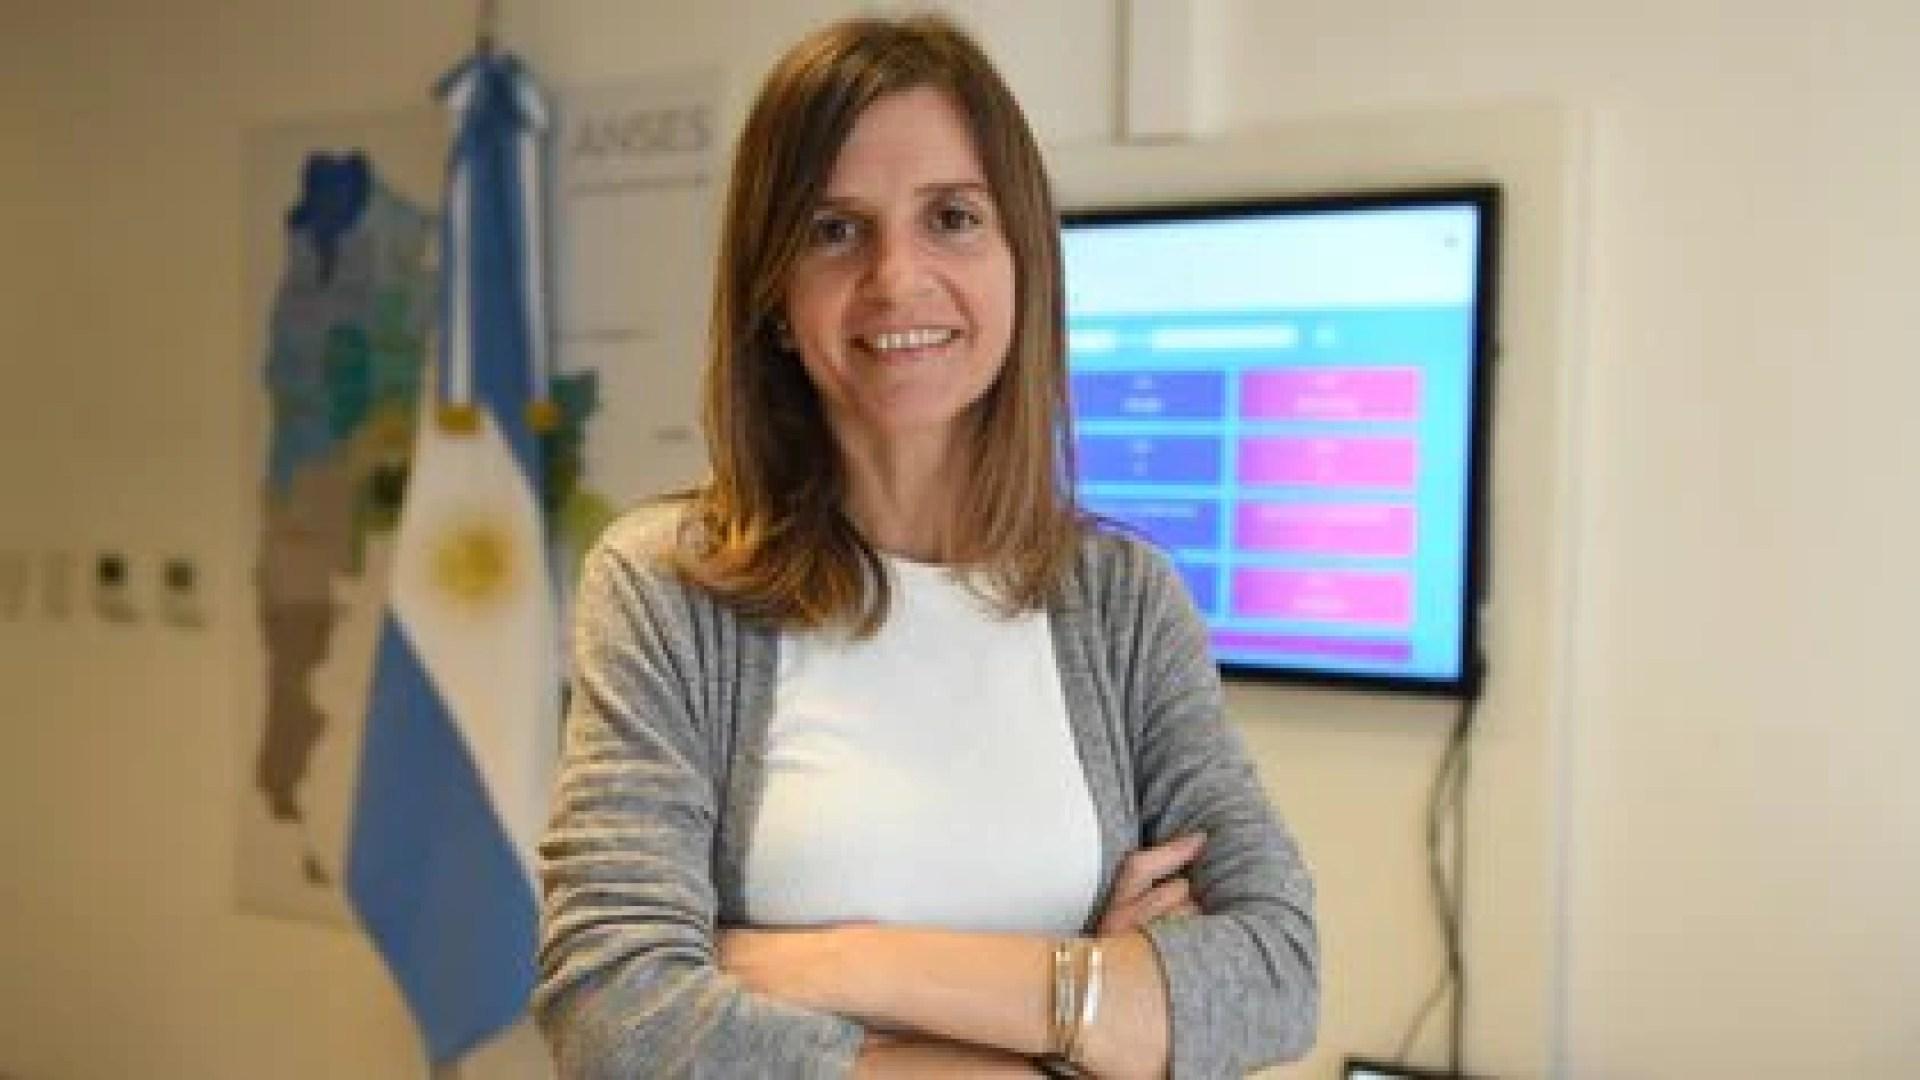 La titular de ANSES, Fernanda Raverta (Maximiliano Luna)